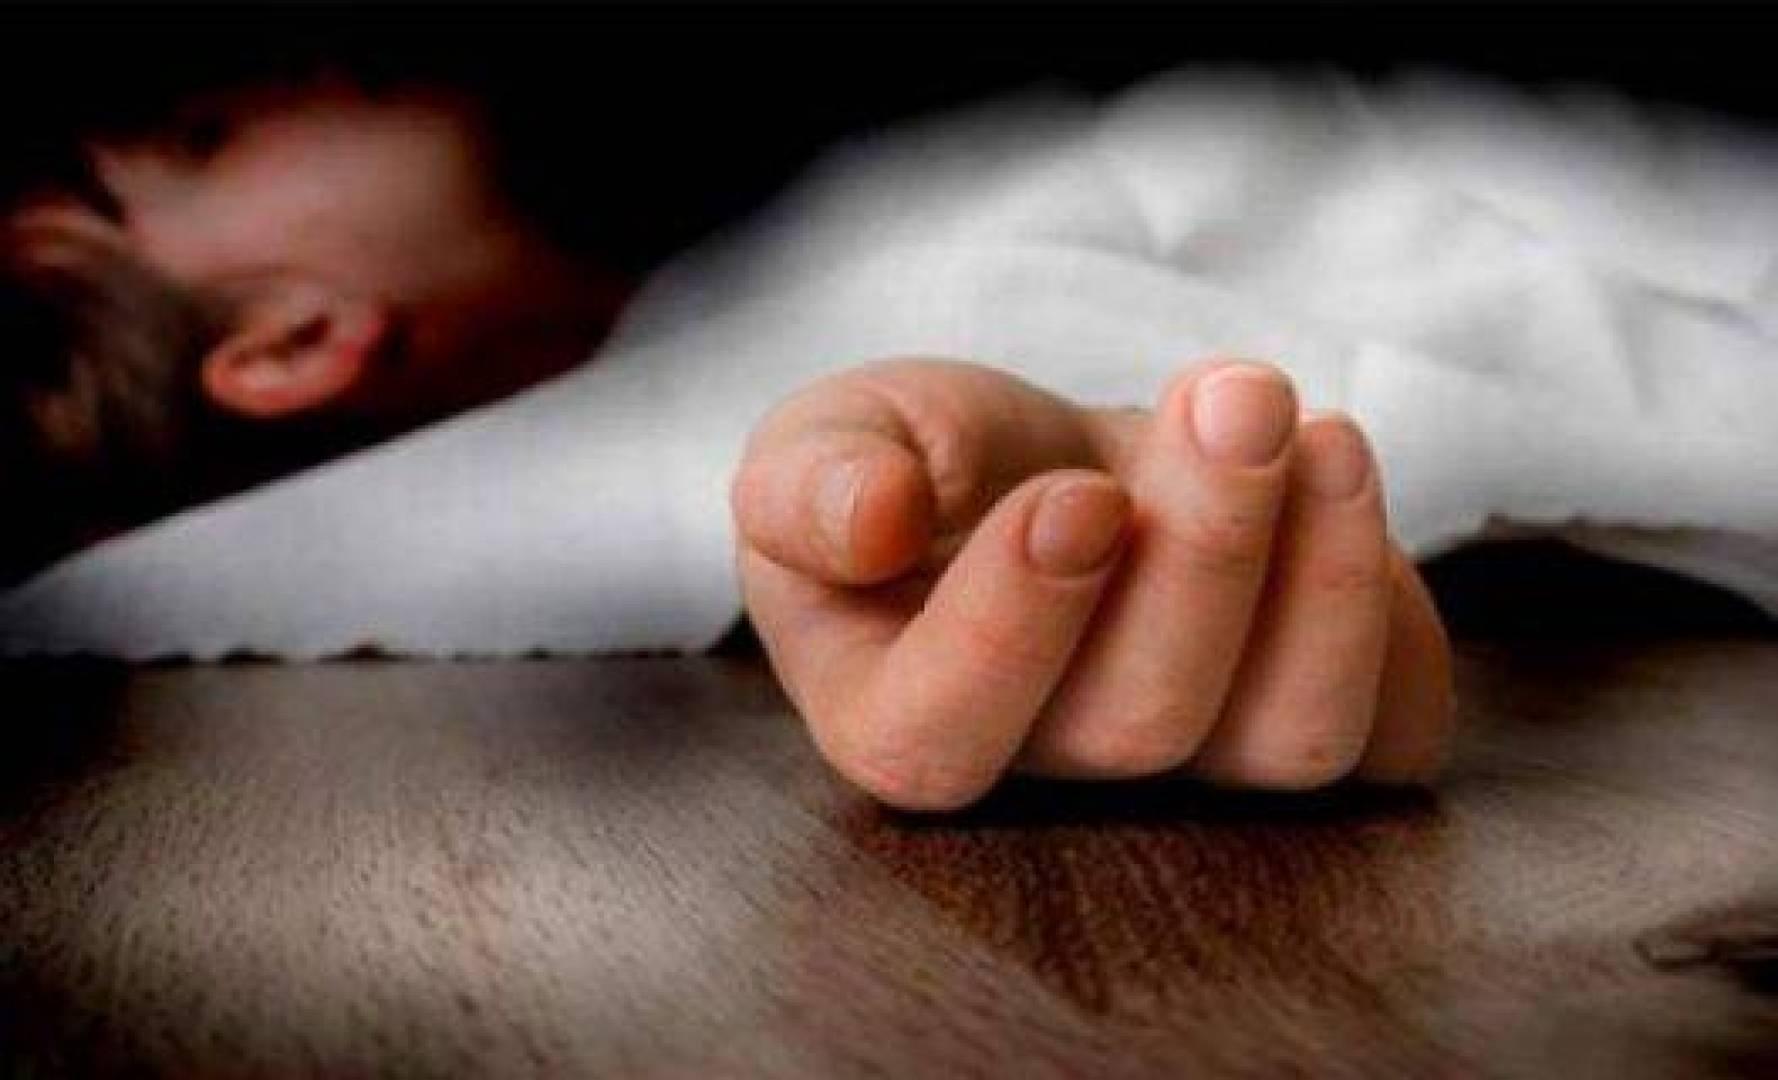 وفاة طفلة جراء سقوط عامود بناء لمنزل قيد الإنشاء في إربد